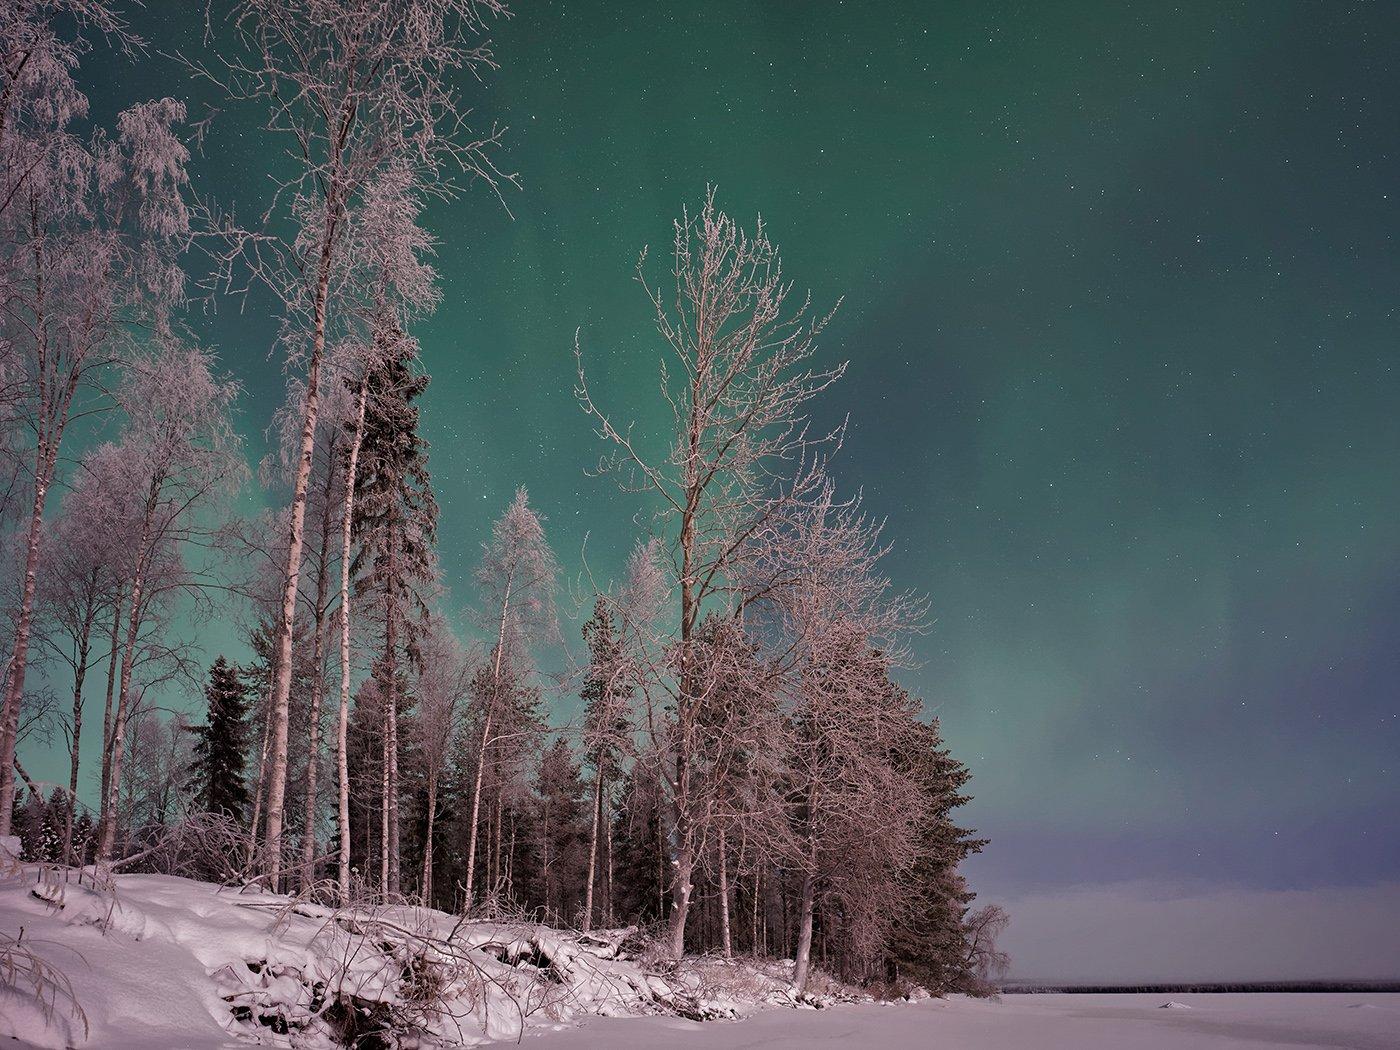 Wohnmobil Schweden Polarlichter